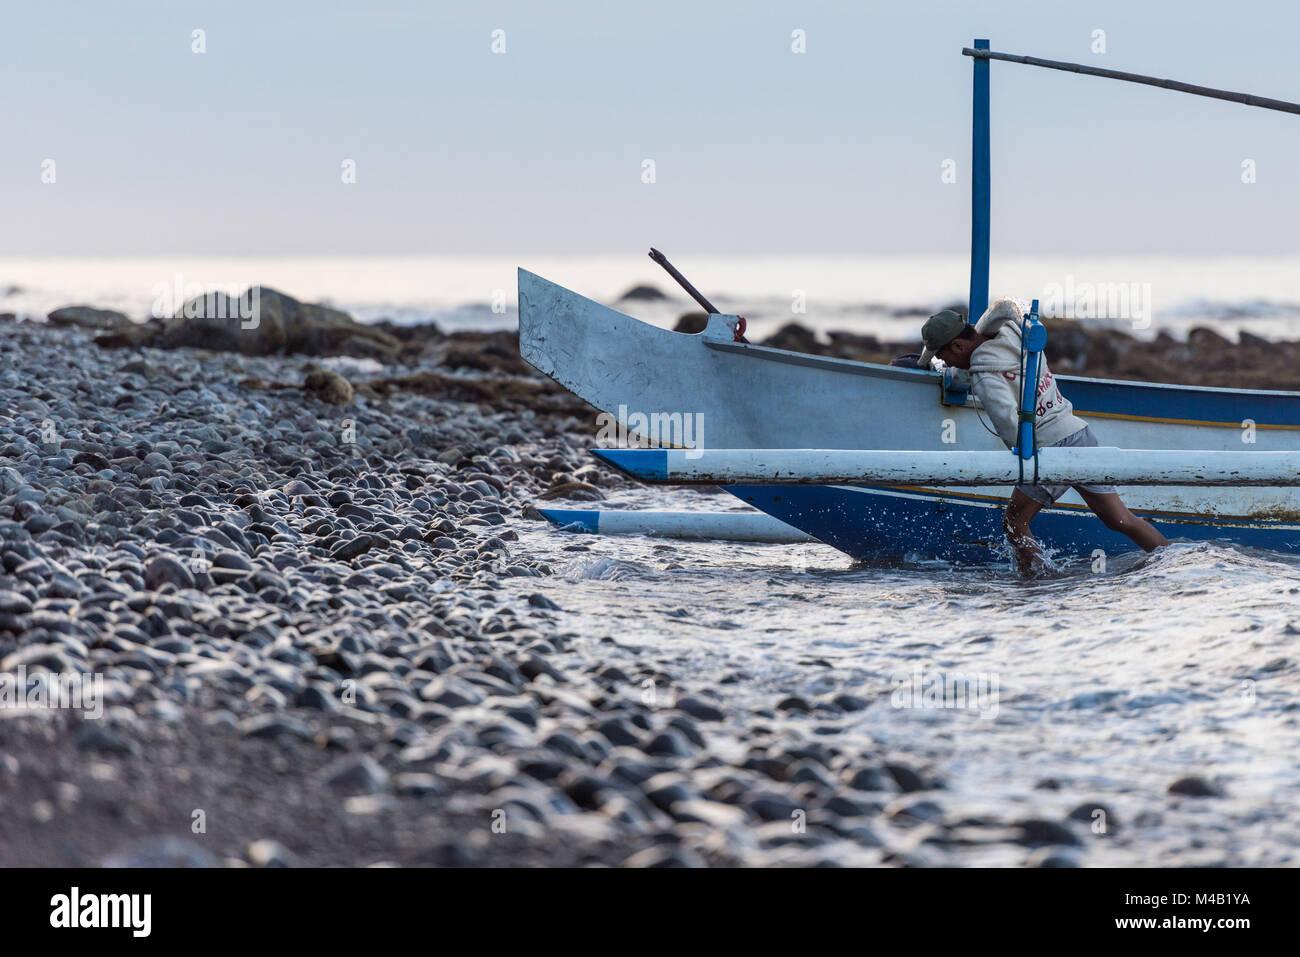 Pêcheur balinais est de retour de la pêche et pousse sa pirogue (Jukung) à la plage de gravier Banque D'Images